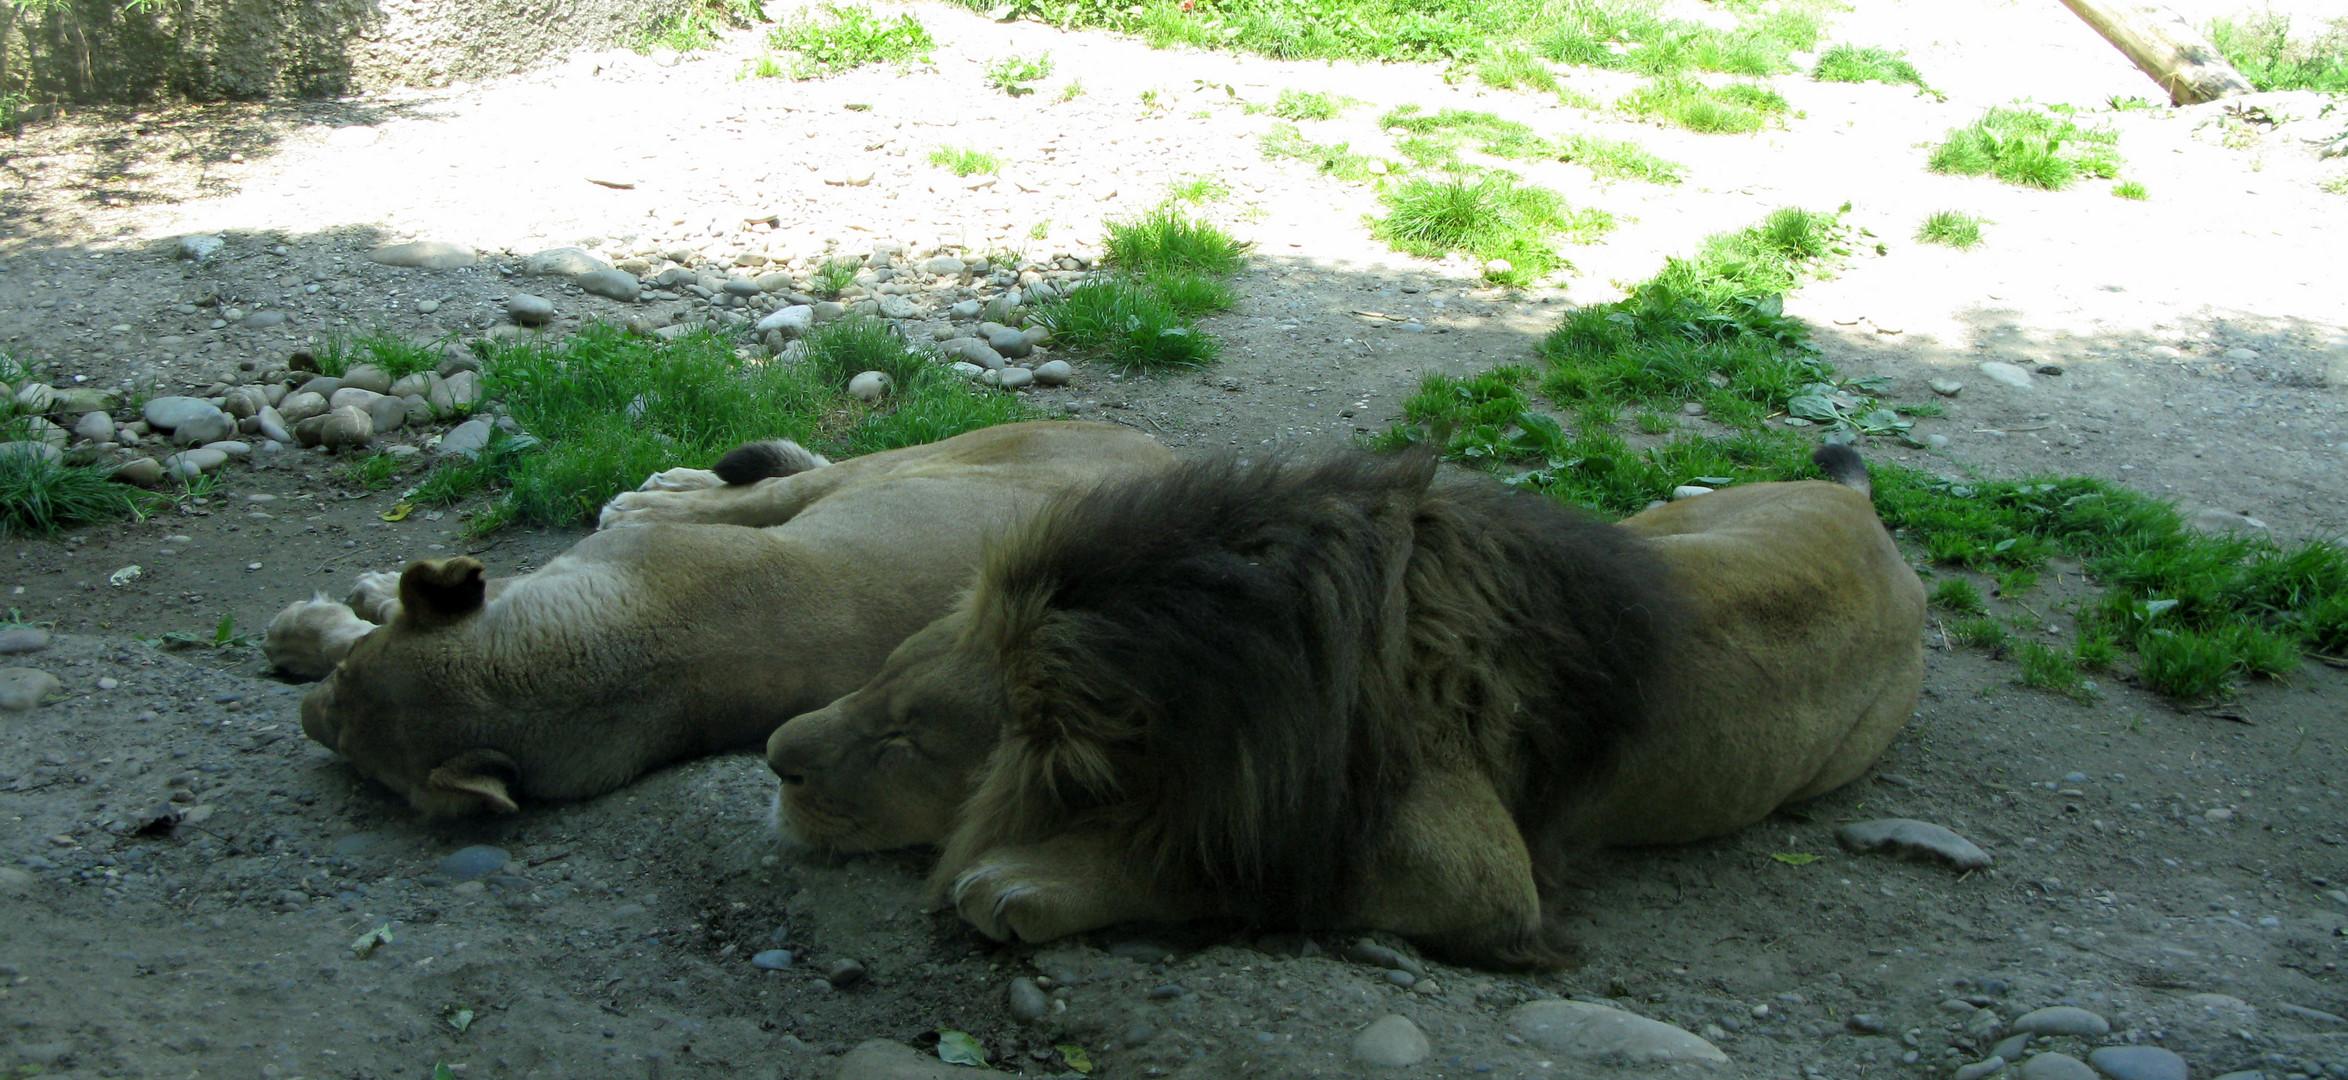 Zolli, Basel - Löwen bei der Siesta